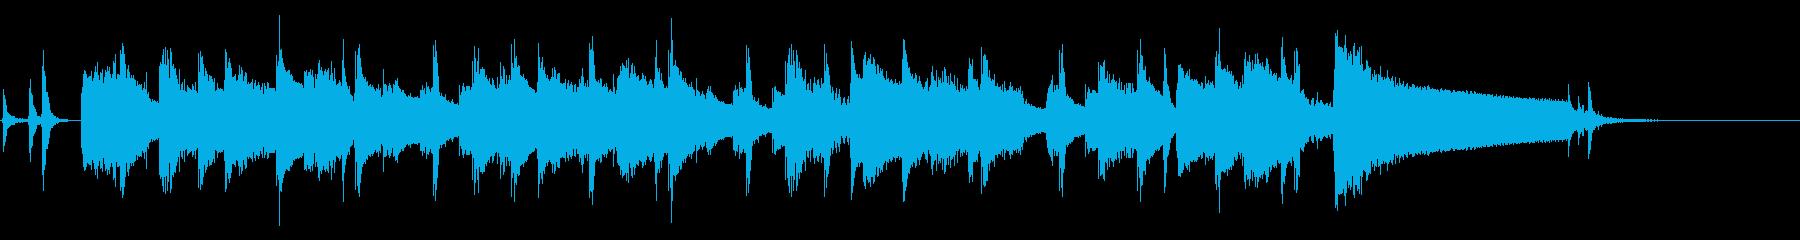 サックスがかっこいいジャズの再生済みの波形